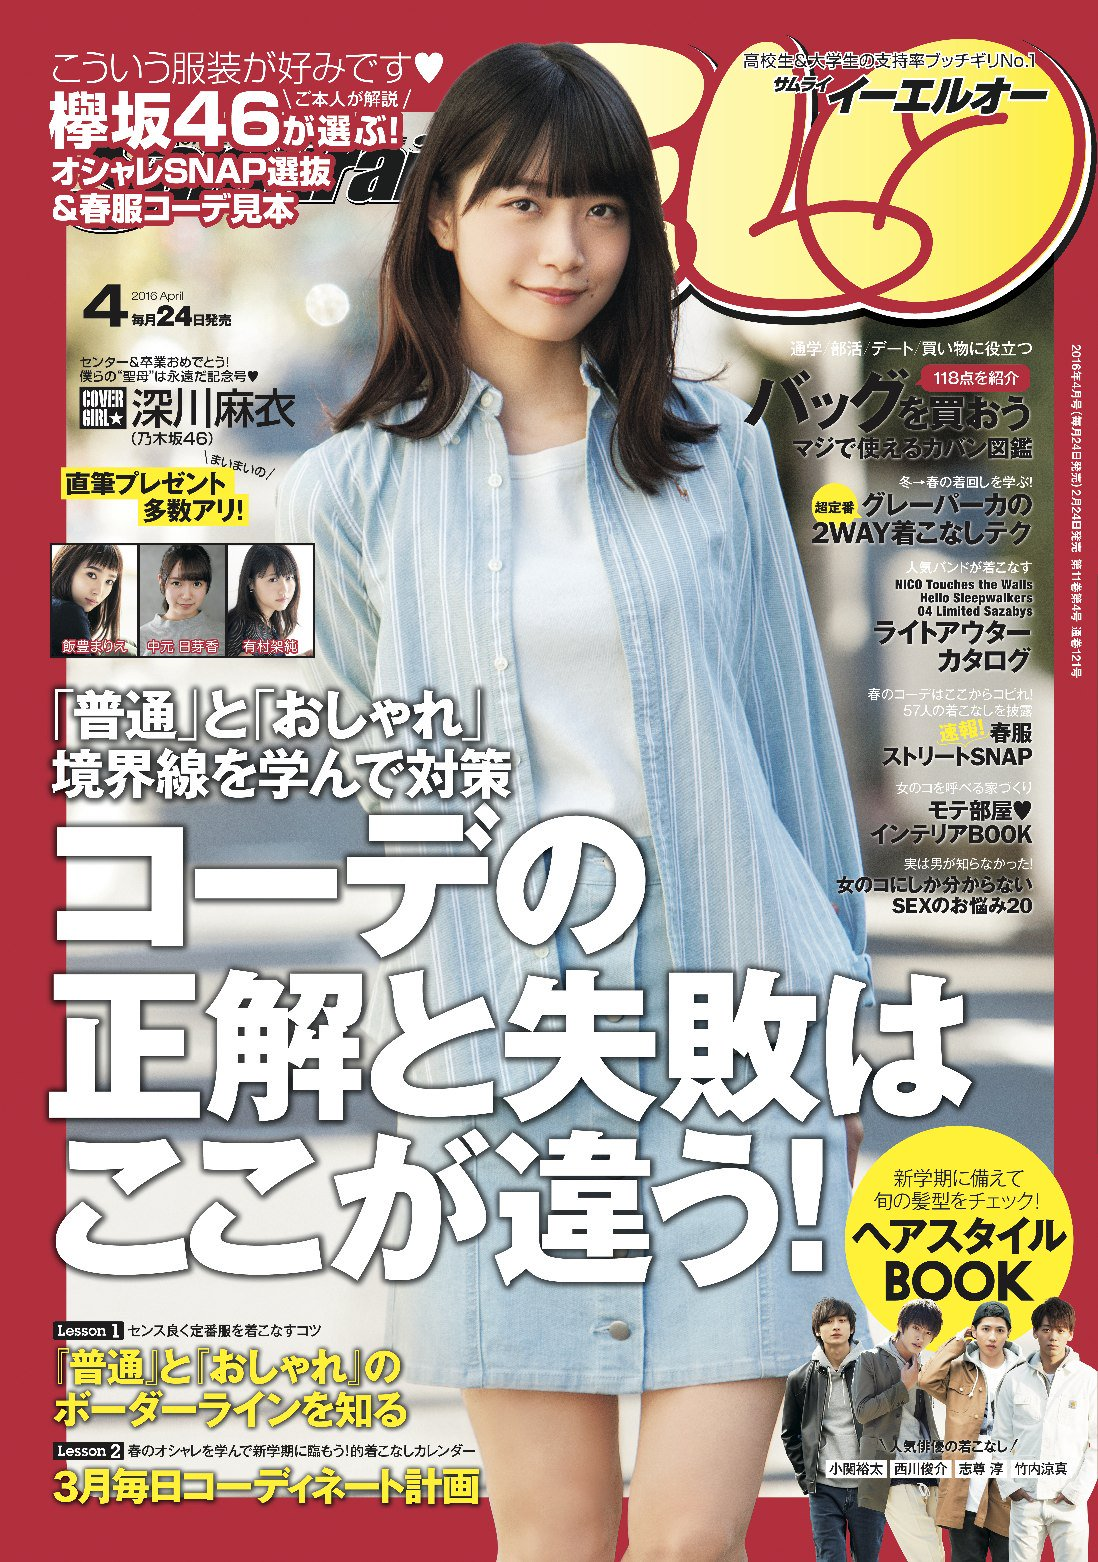 乃木坂46深川麻衣「Samurai ELO」初表紙が決定